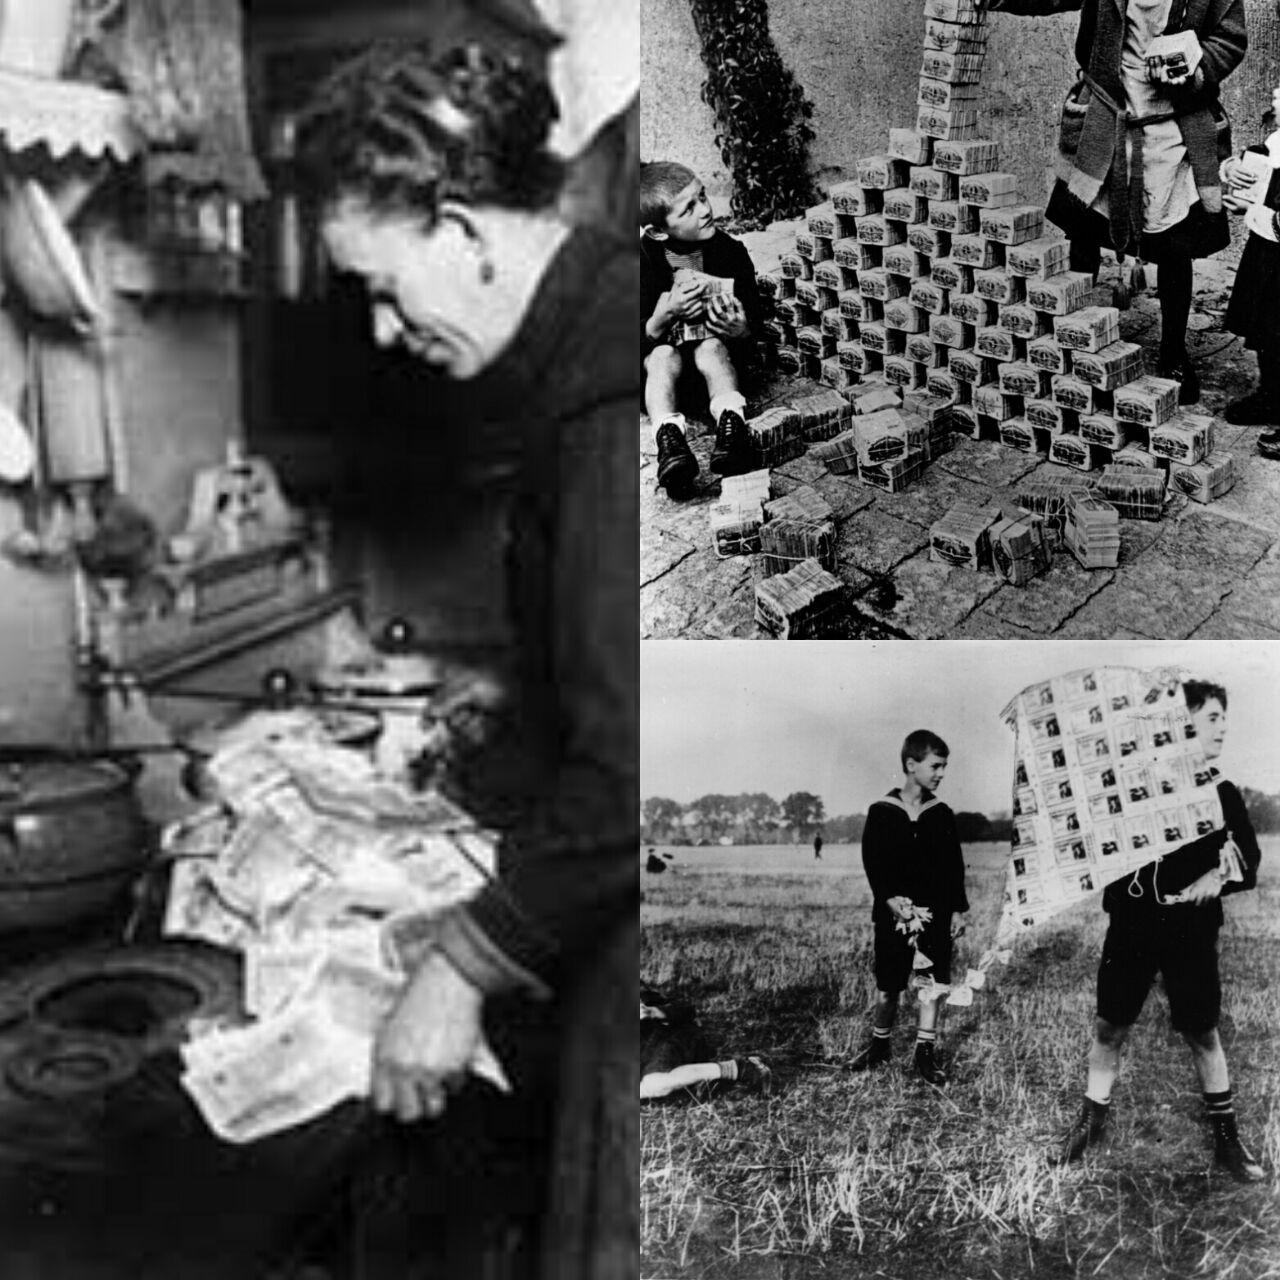 روزی که پول ملی، بادبادک شد!